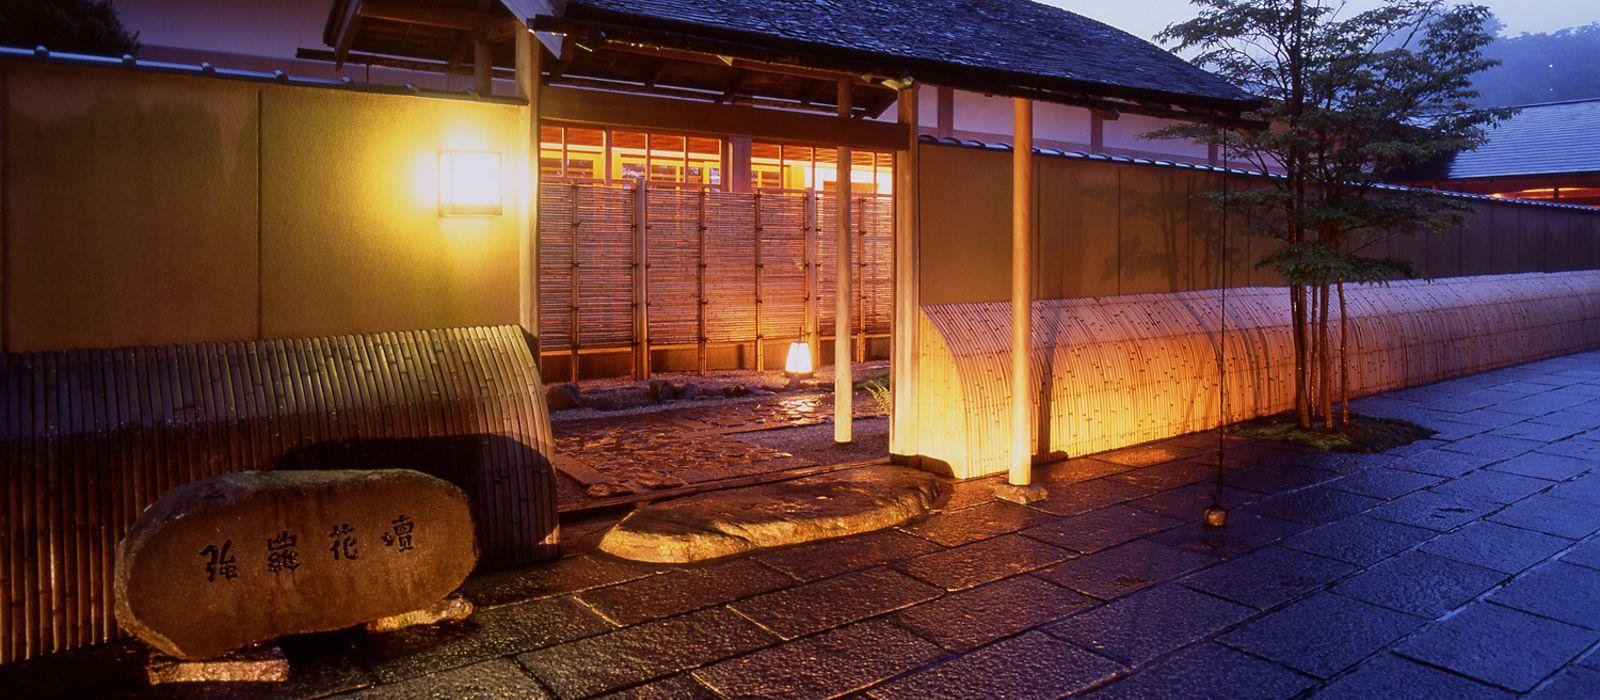 Hotel Gora Kadan Japan